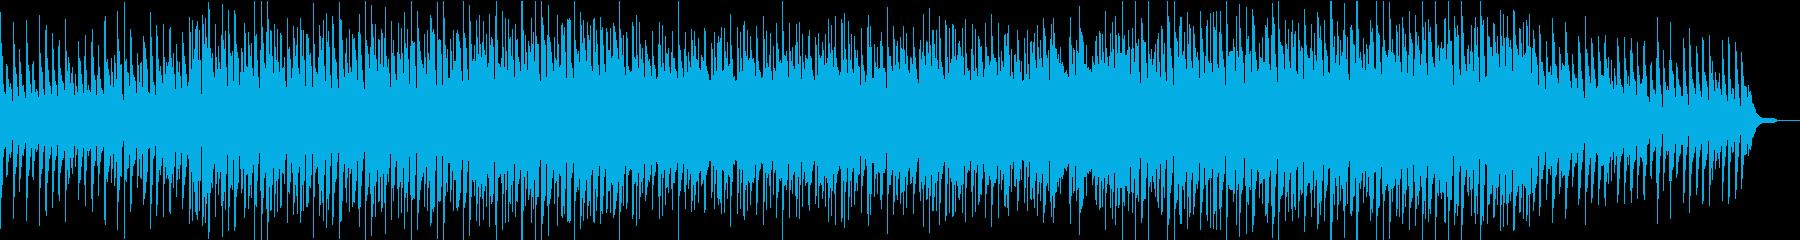 ピアノとアコギの爽やかなポップスbの再生済みの波形